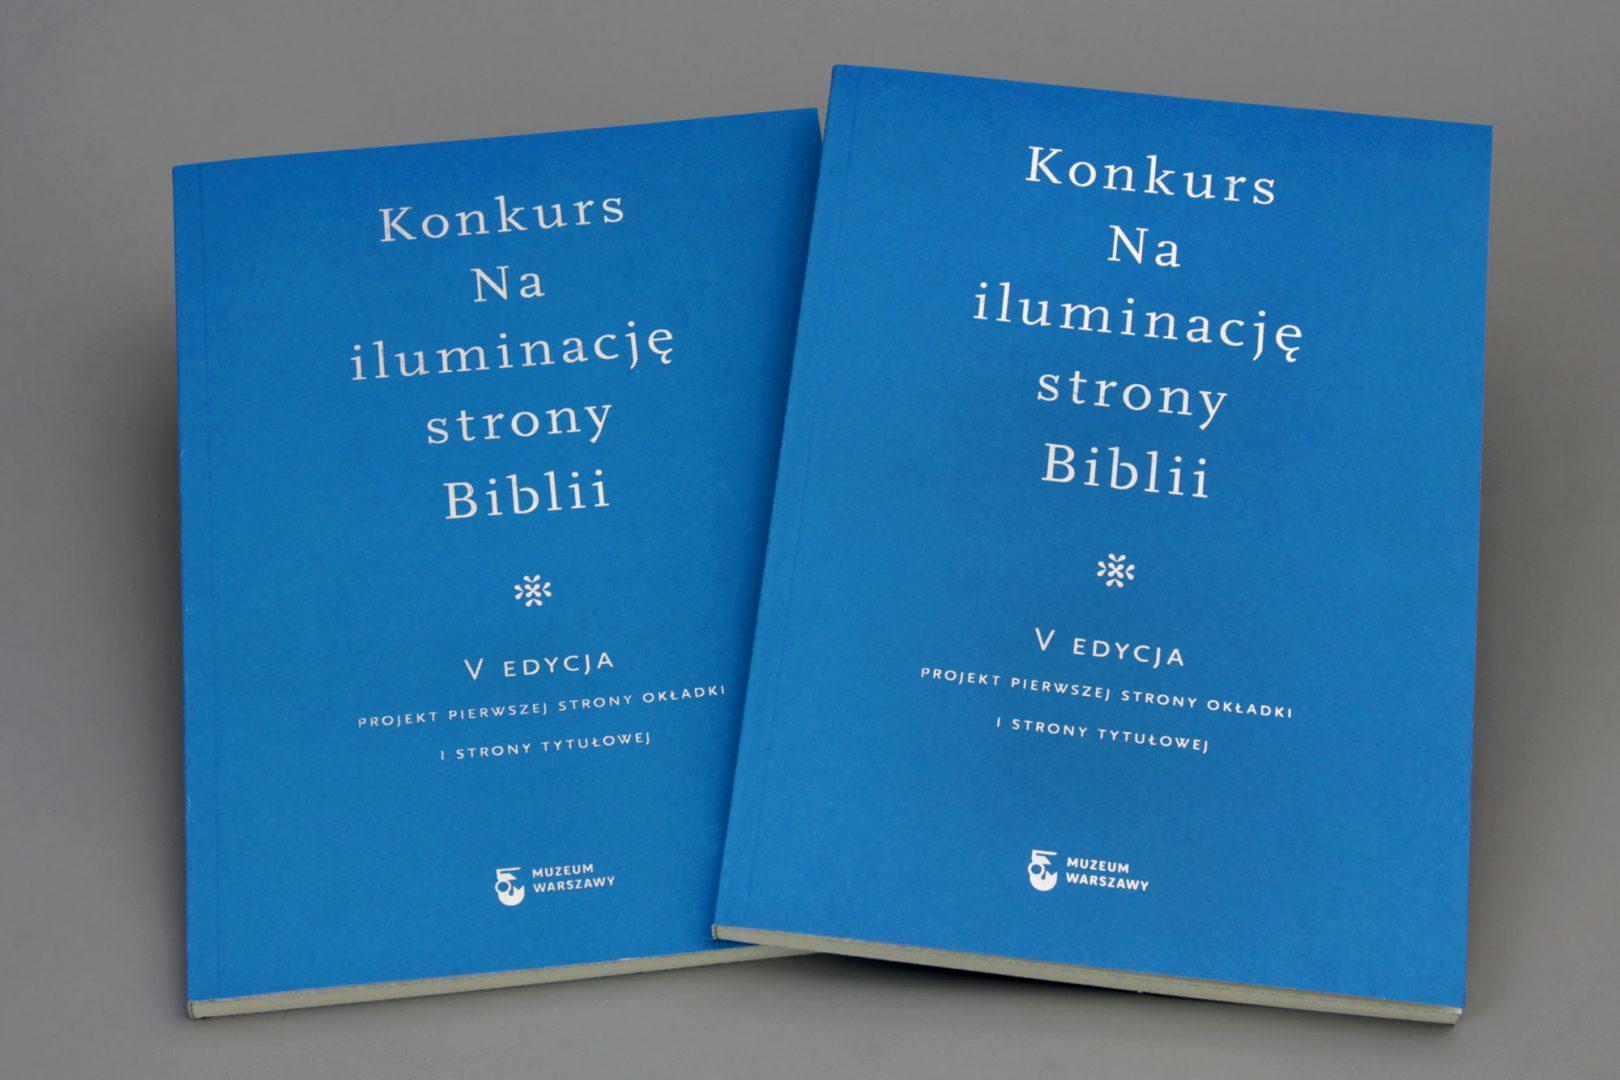 Nailuminację strony Biblii. Projekt pierwszej strony okładki istrony tytułowej